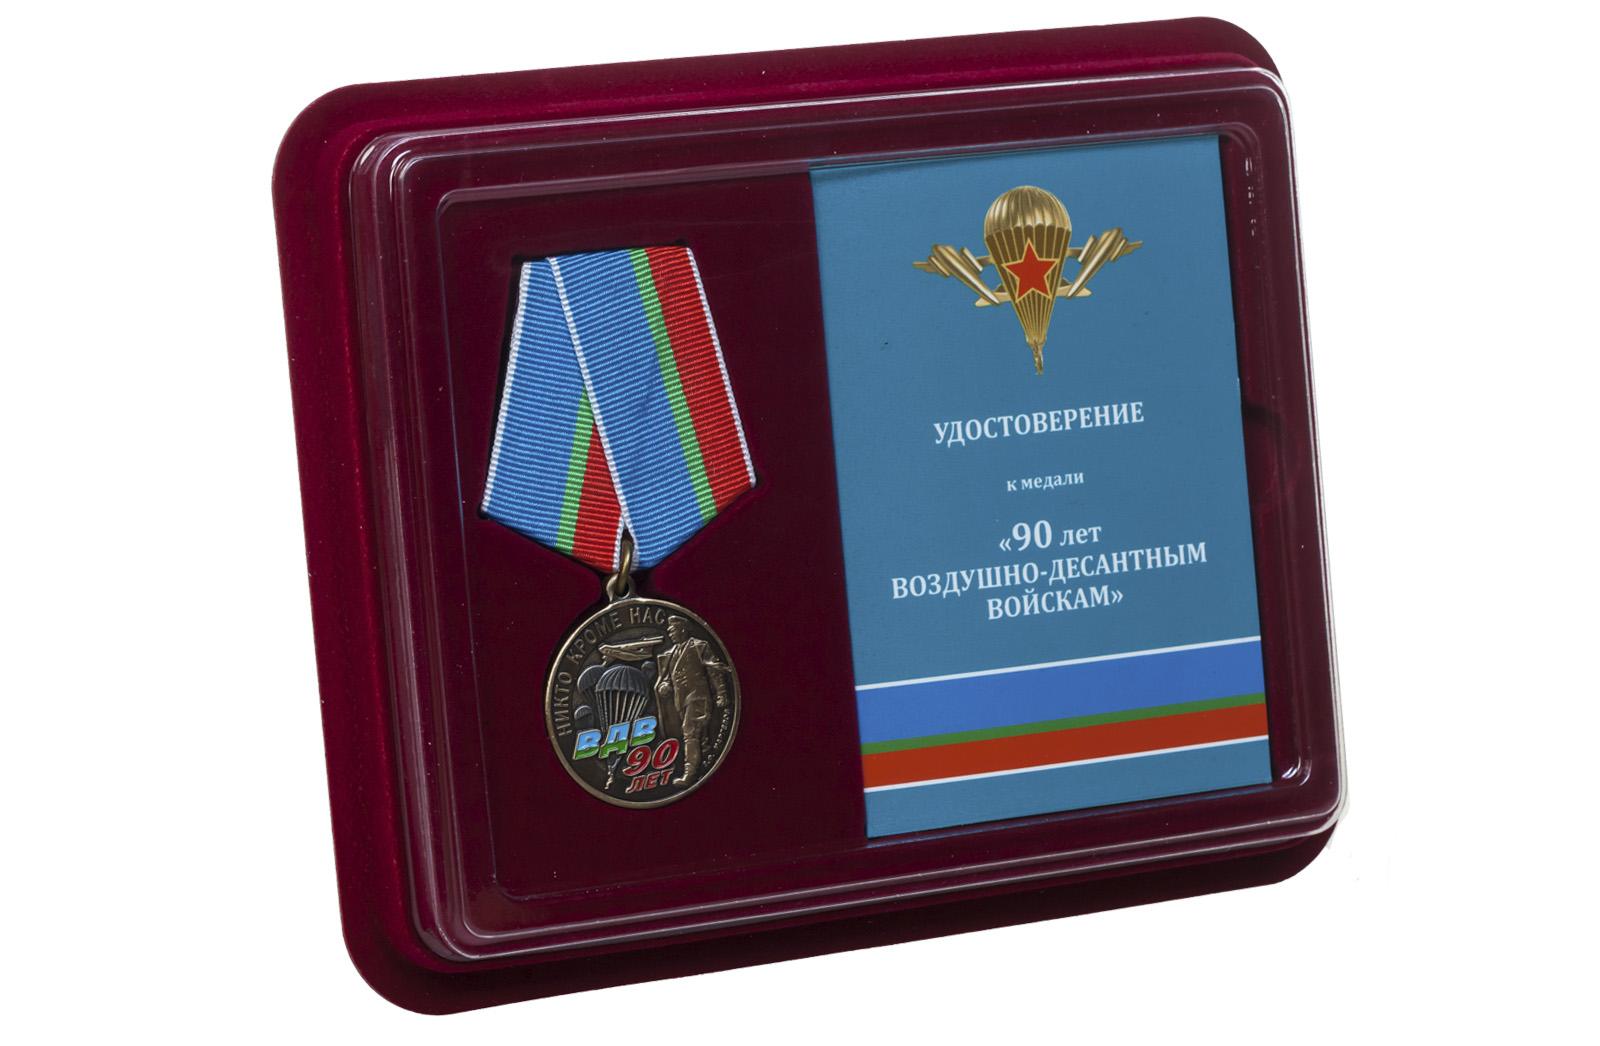 """Купить медаль """"90 лет ВДВ"""" в футляре с удостоверением в подарок другу"""